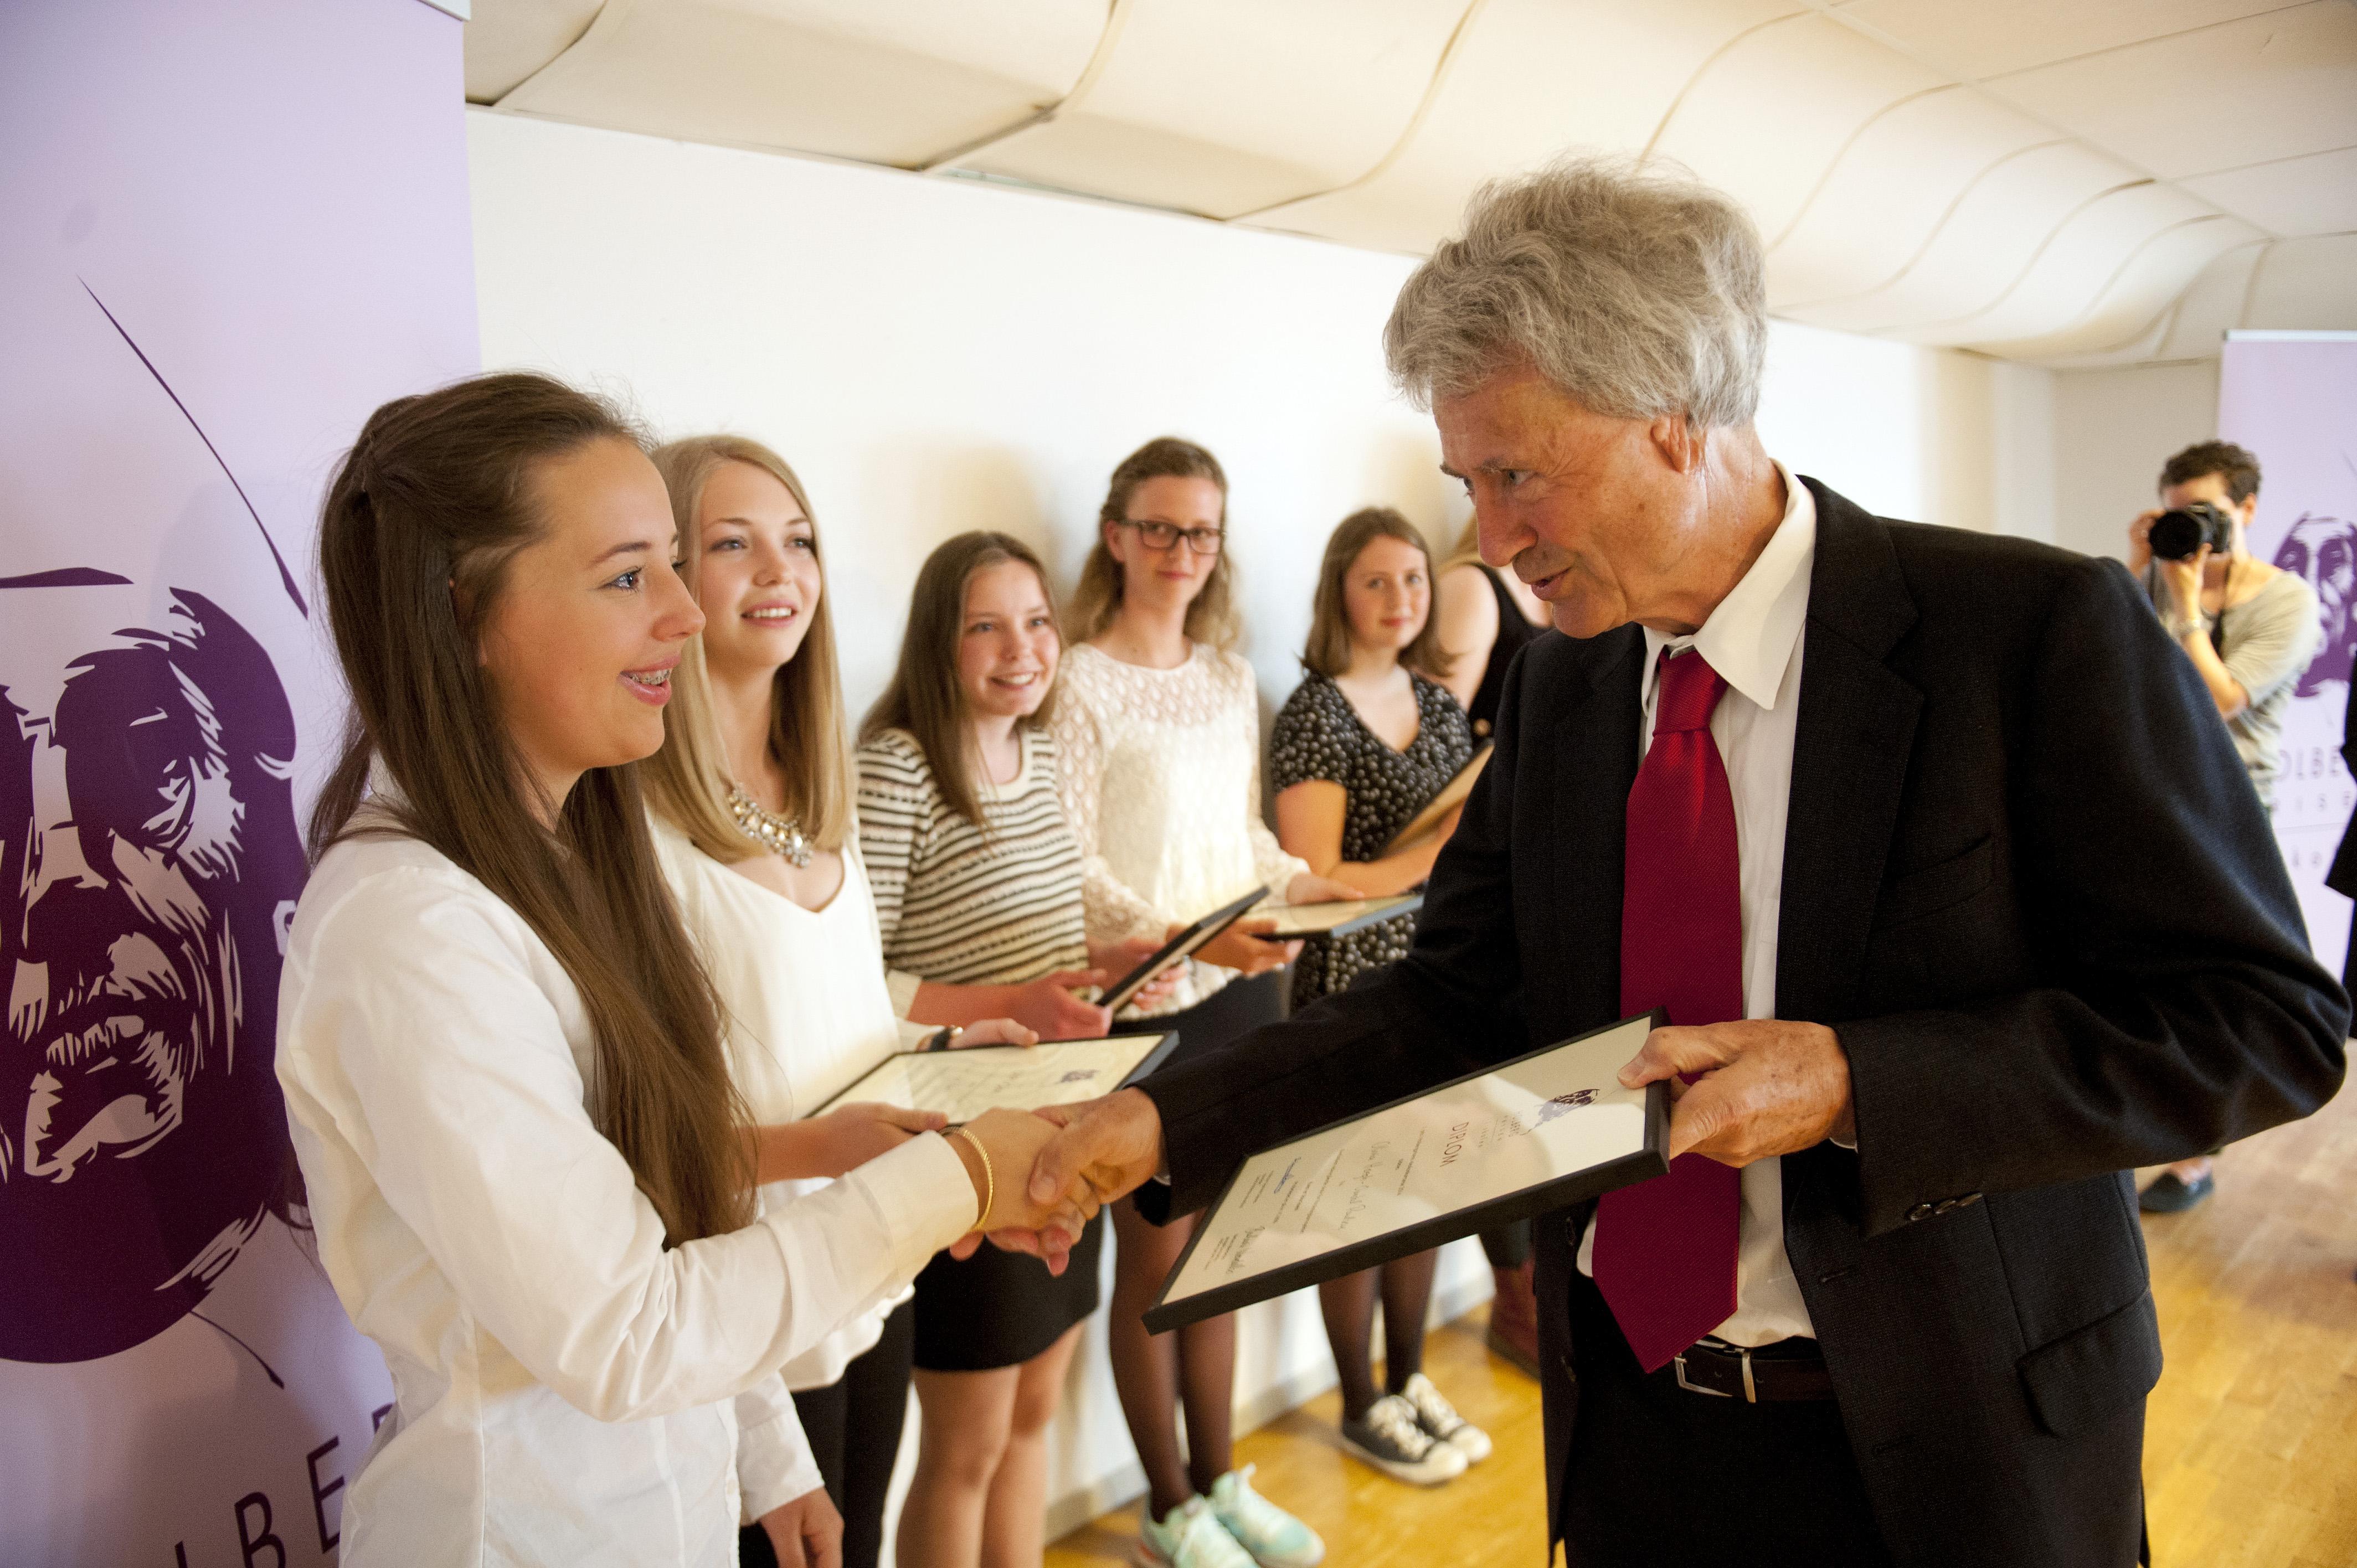 2014_Michael Cook_Holbergprisen i skolen_utdeling